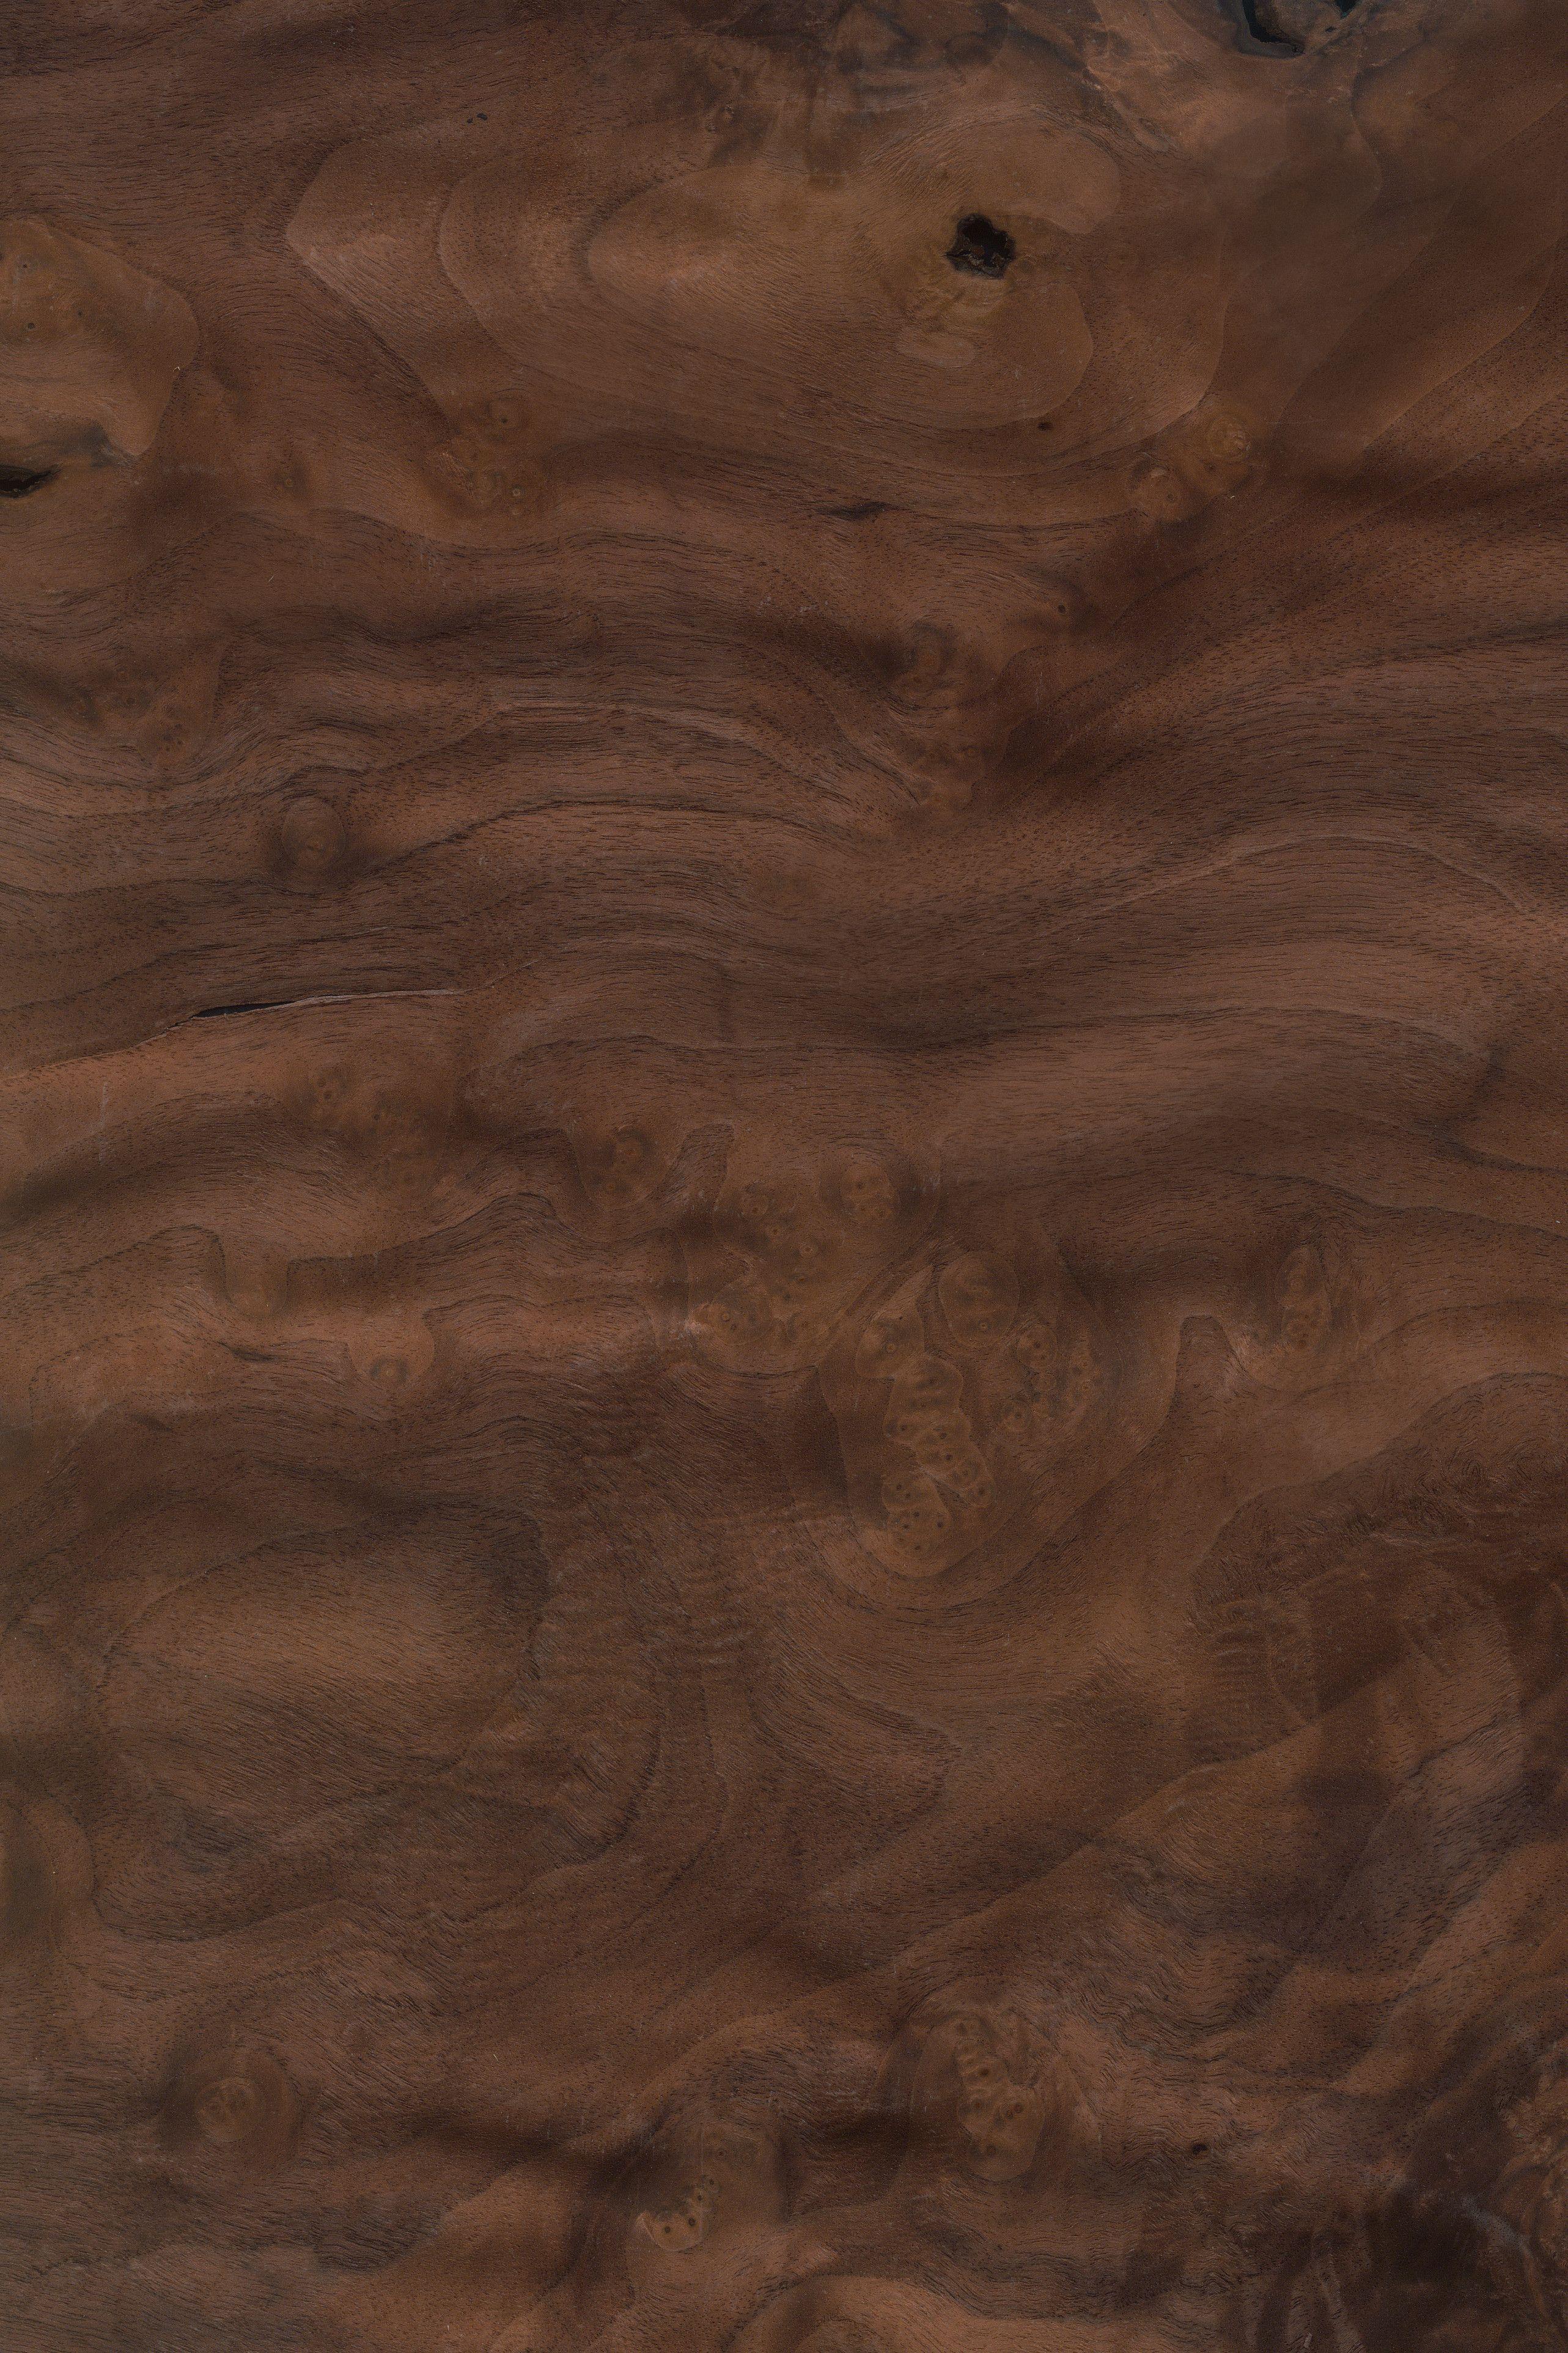 nussbaum maser furnier holzart nussbaum blatt braun dunkel holzarten furniere holz. Black Bedroom Furniture Sets. Home Design Ideas